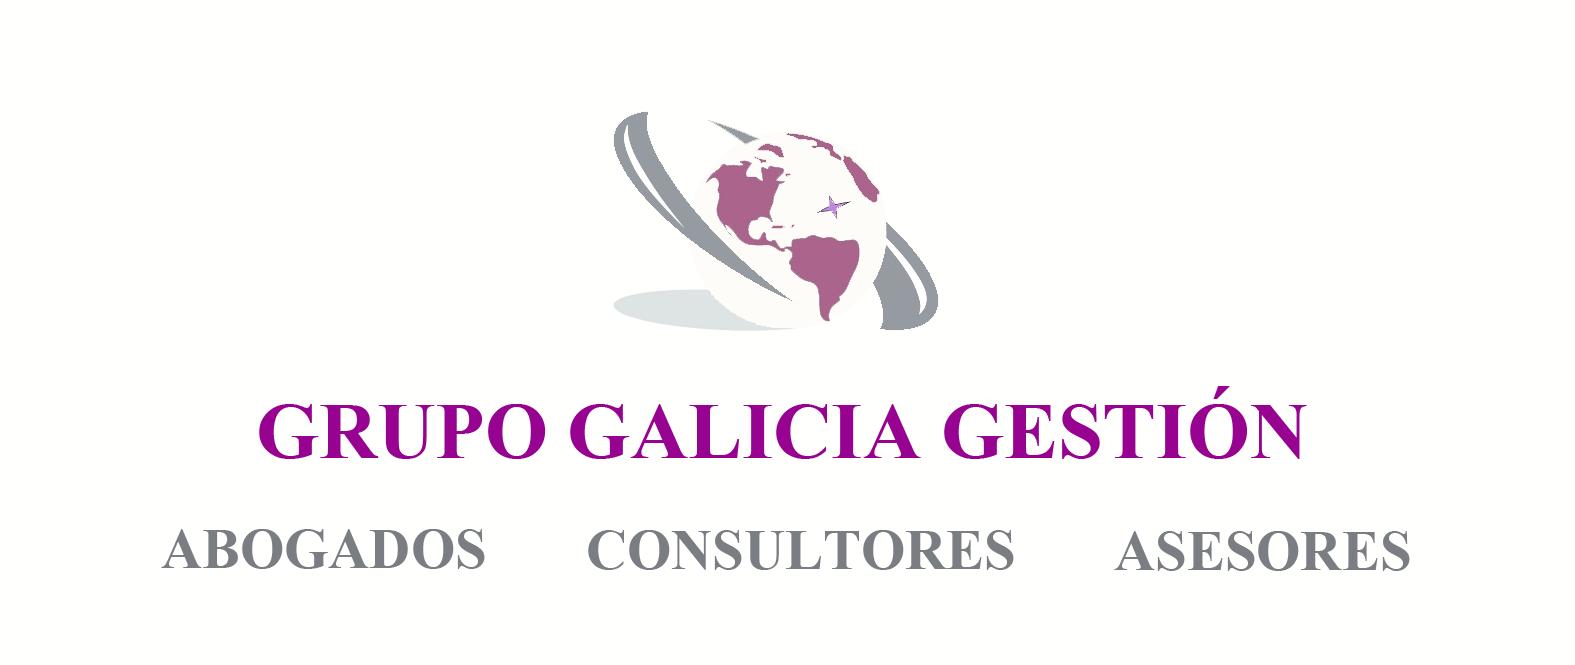 GRUPO GALICIA GESTIÓN